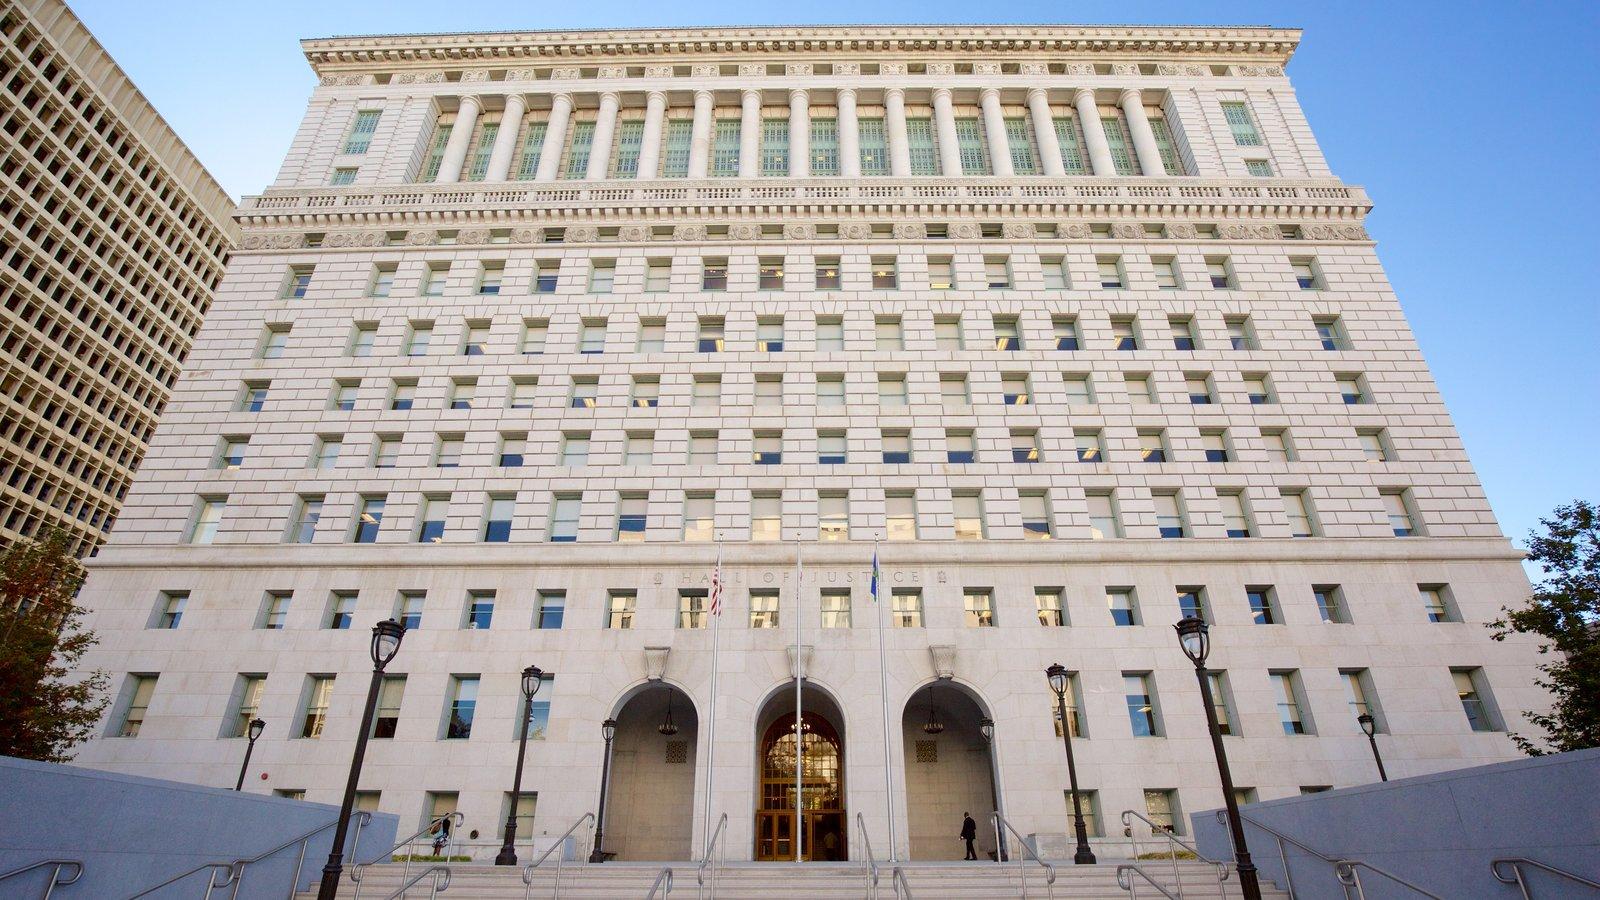 Centro de Los Ángeles que incluye un edificio administrativo